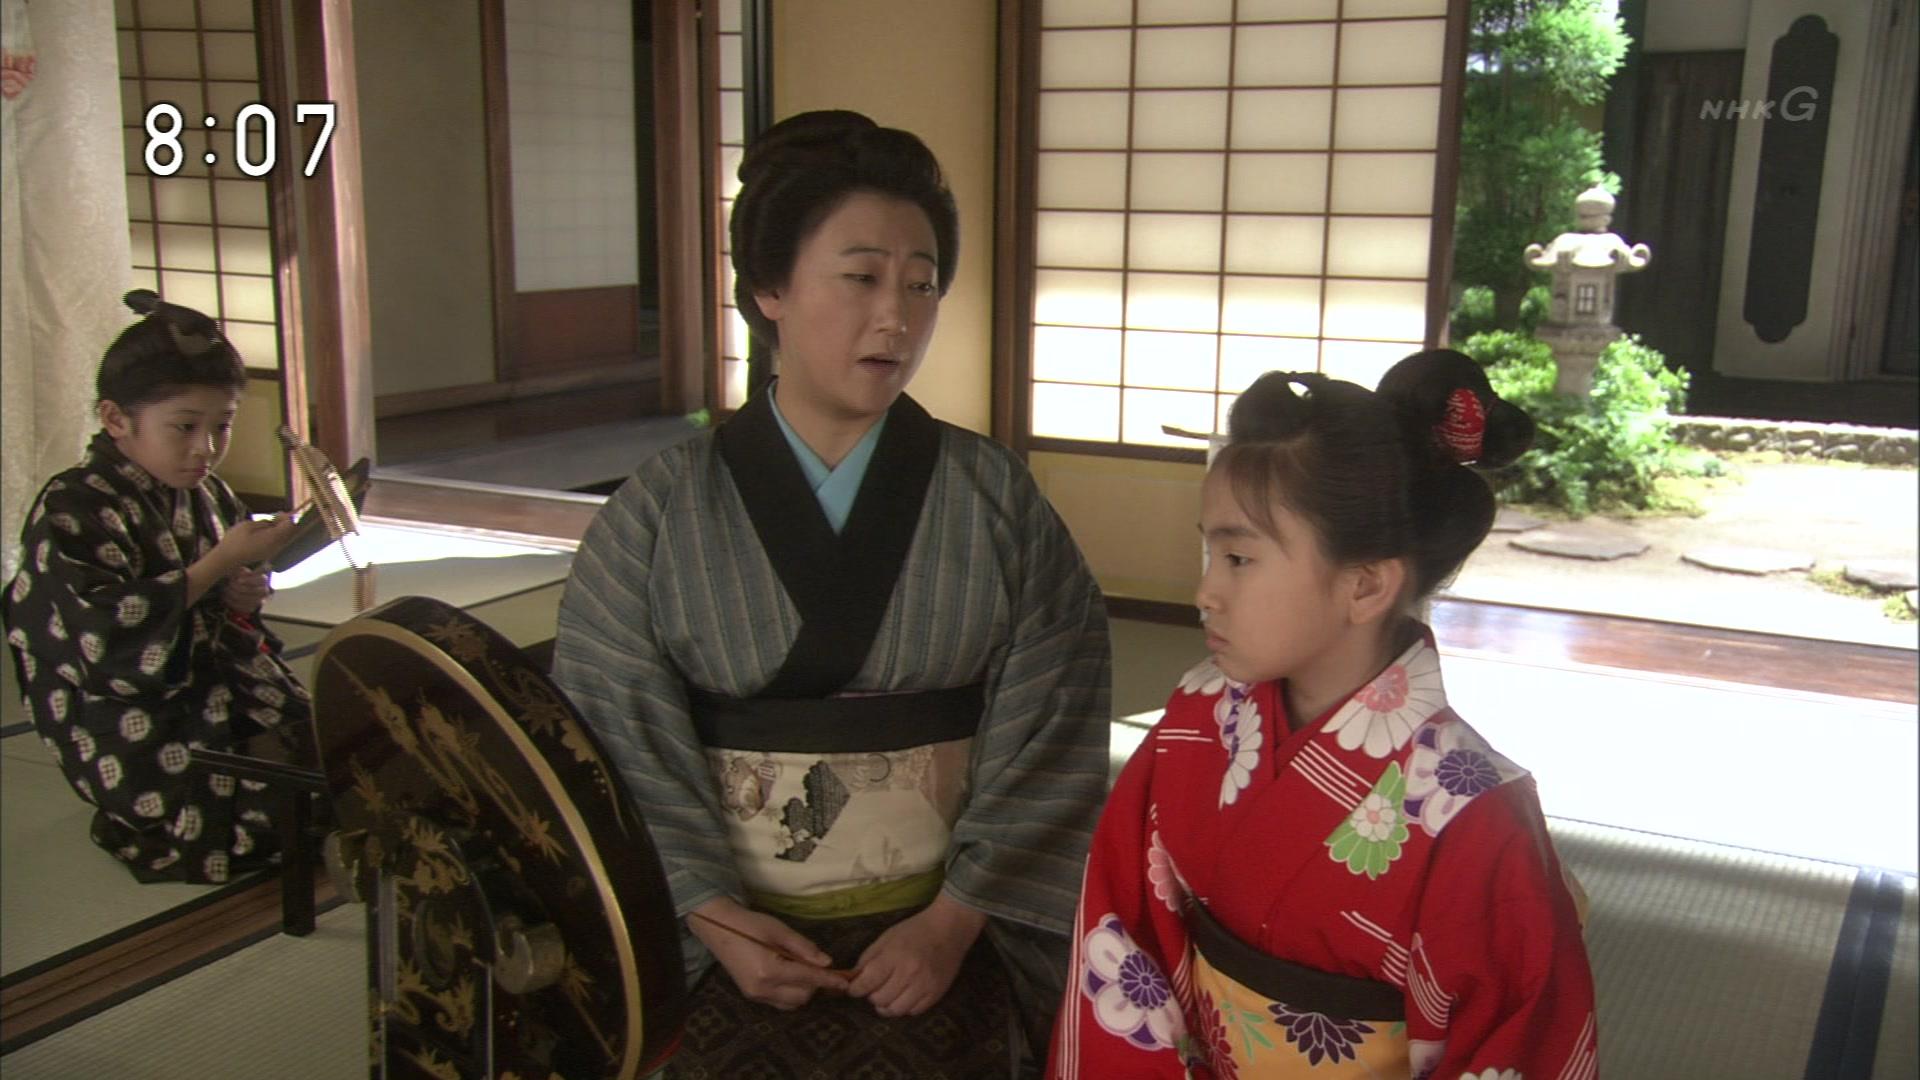 2015-09-28 08:00 連続テレビ小説 あさが来た(1)「小さな許嫁(いいなずけ)」 13704